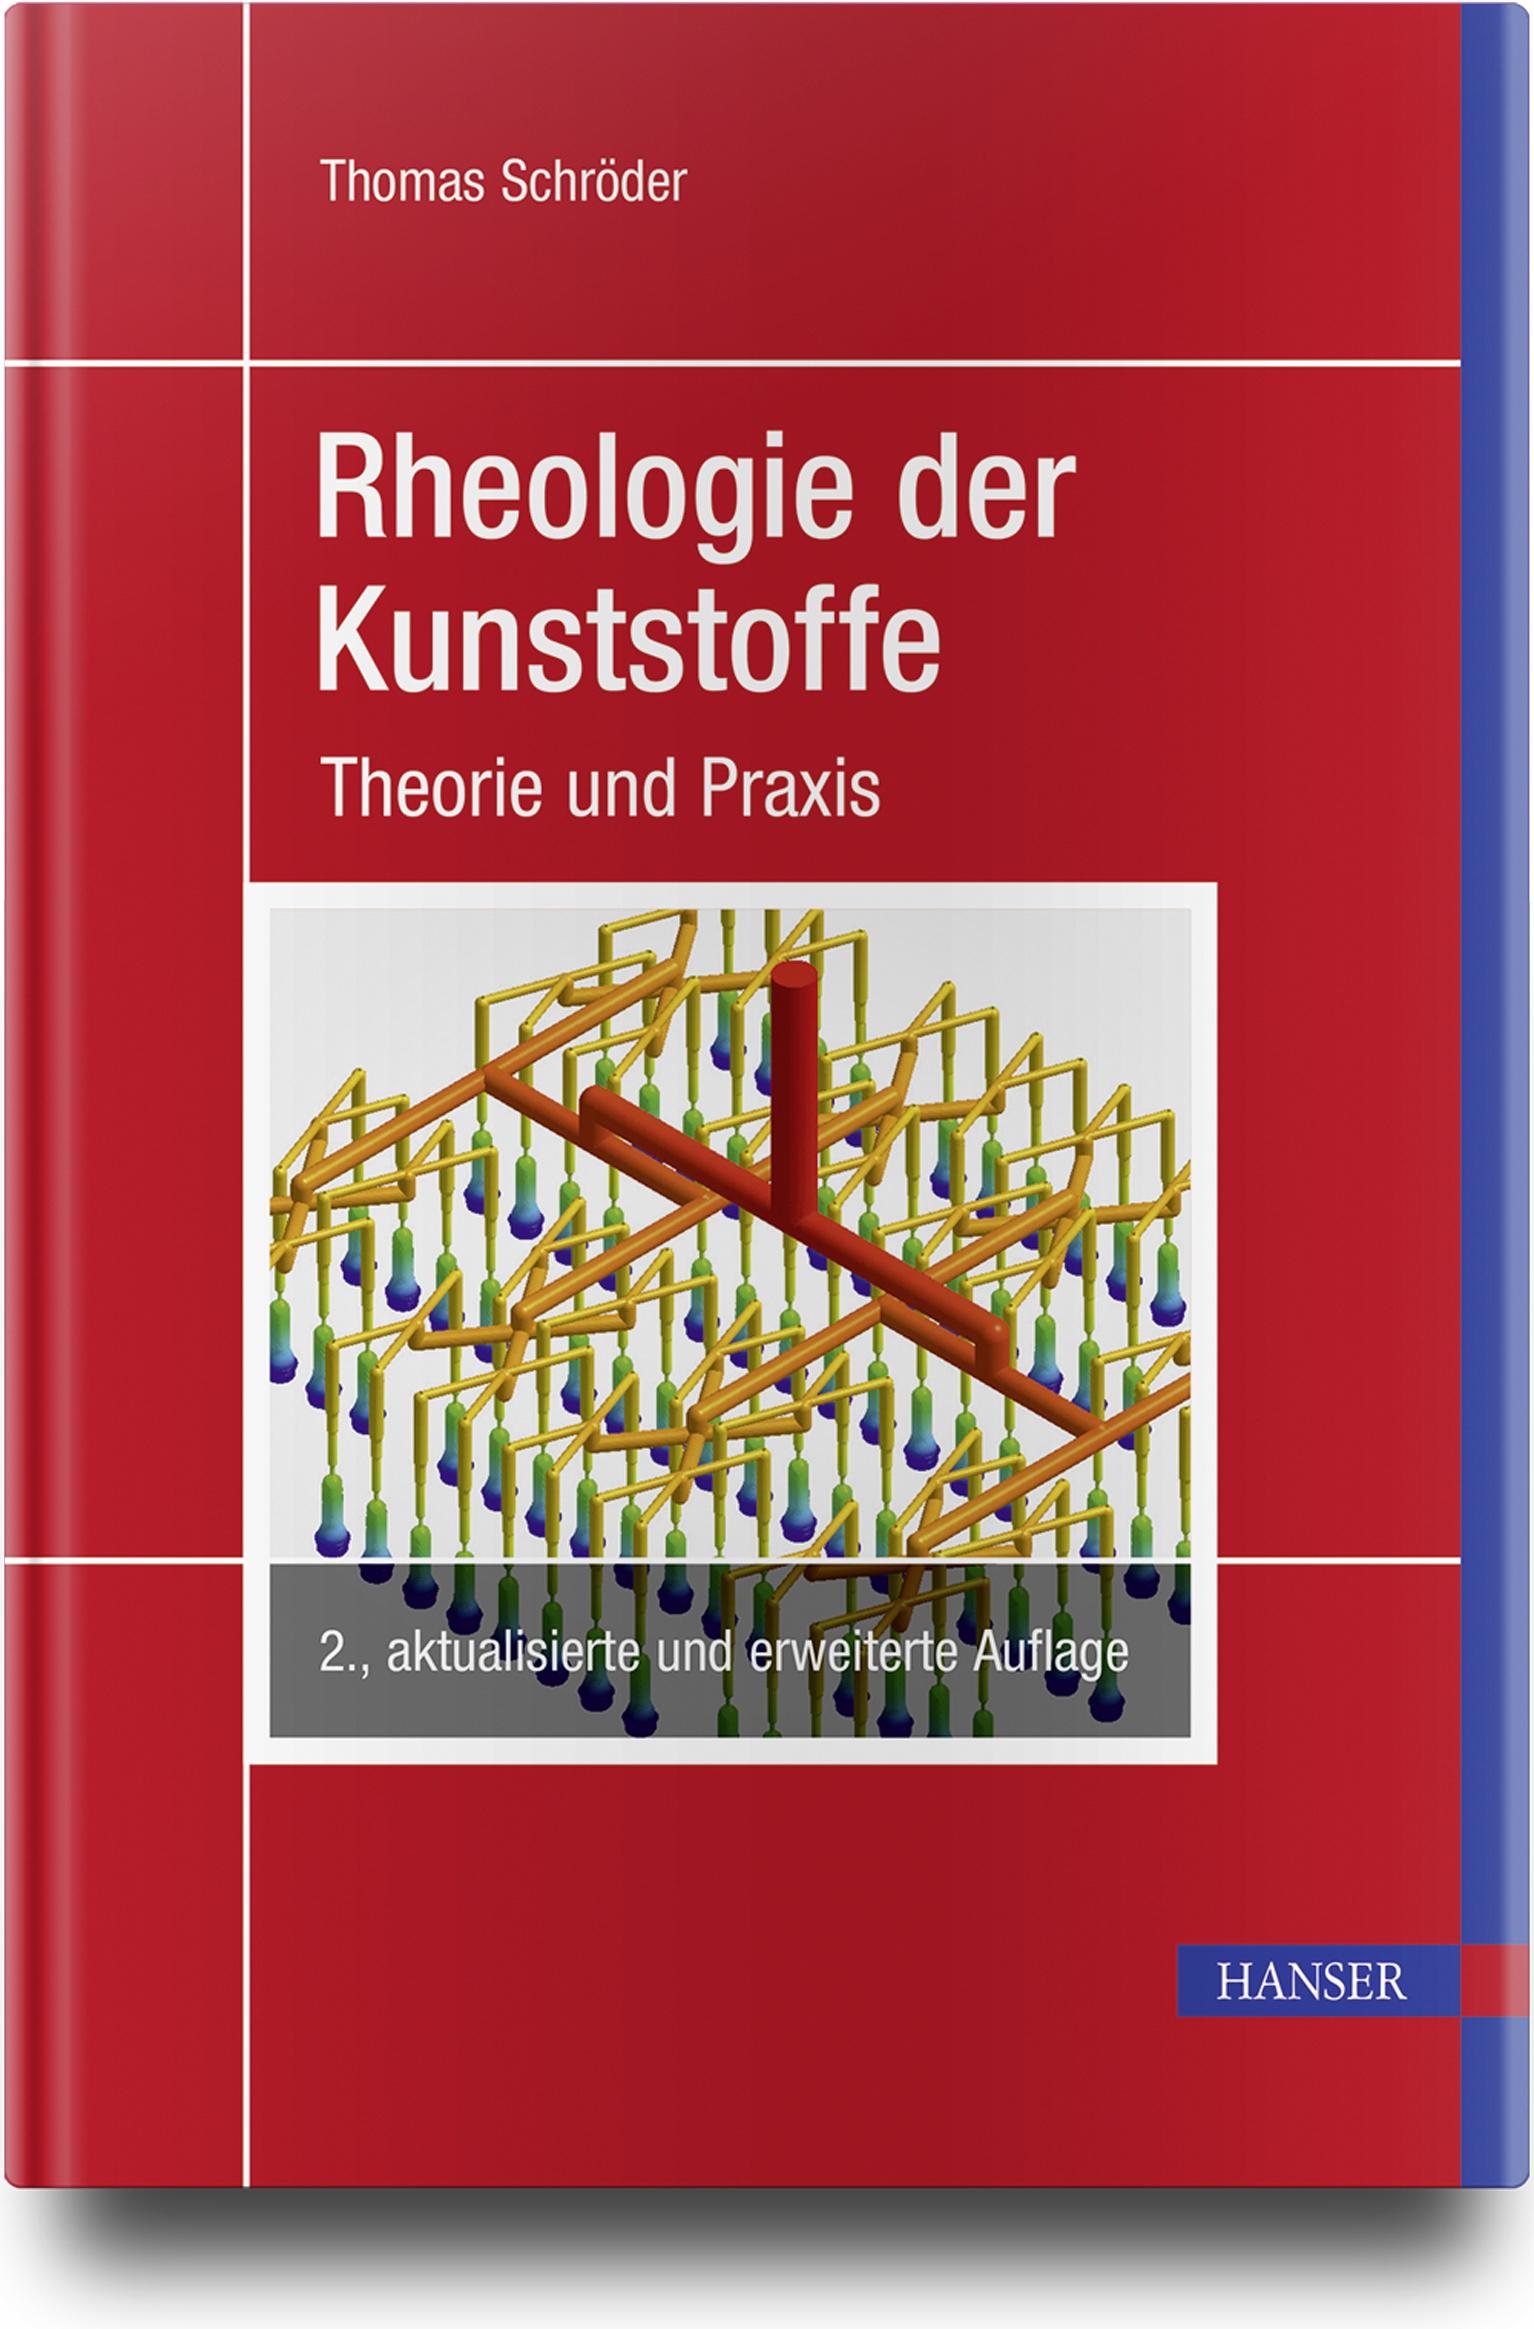 Schröder, Rheologie der Kunststoffe, 978-3-446-46151-2